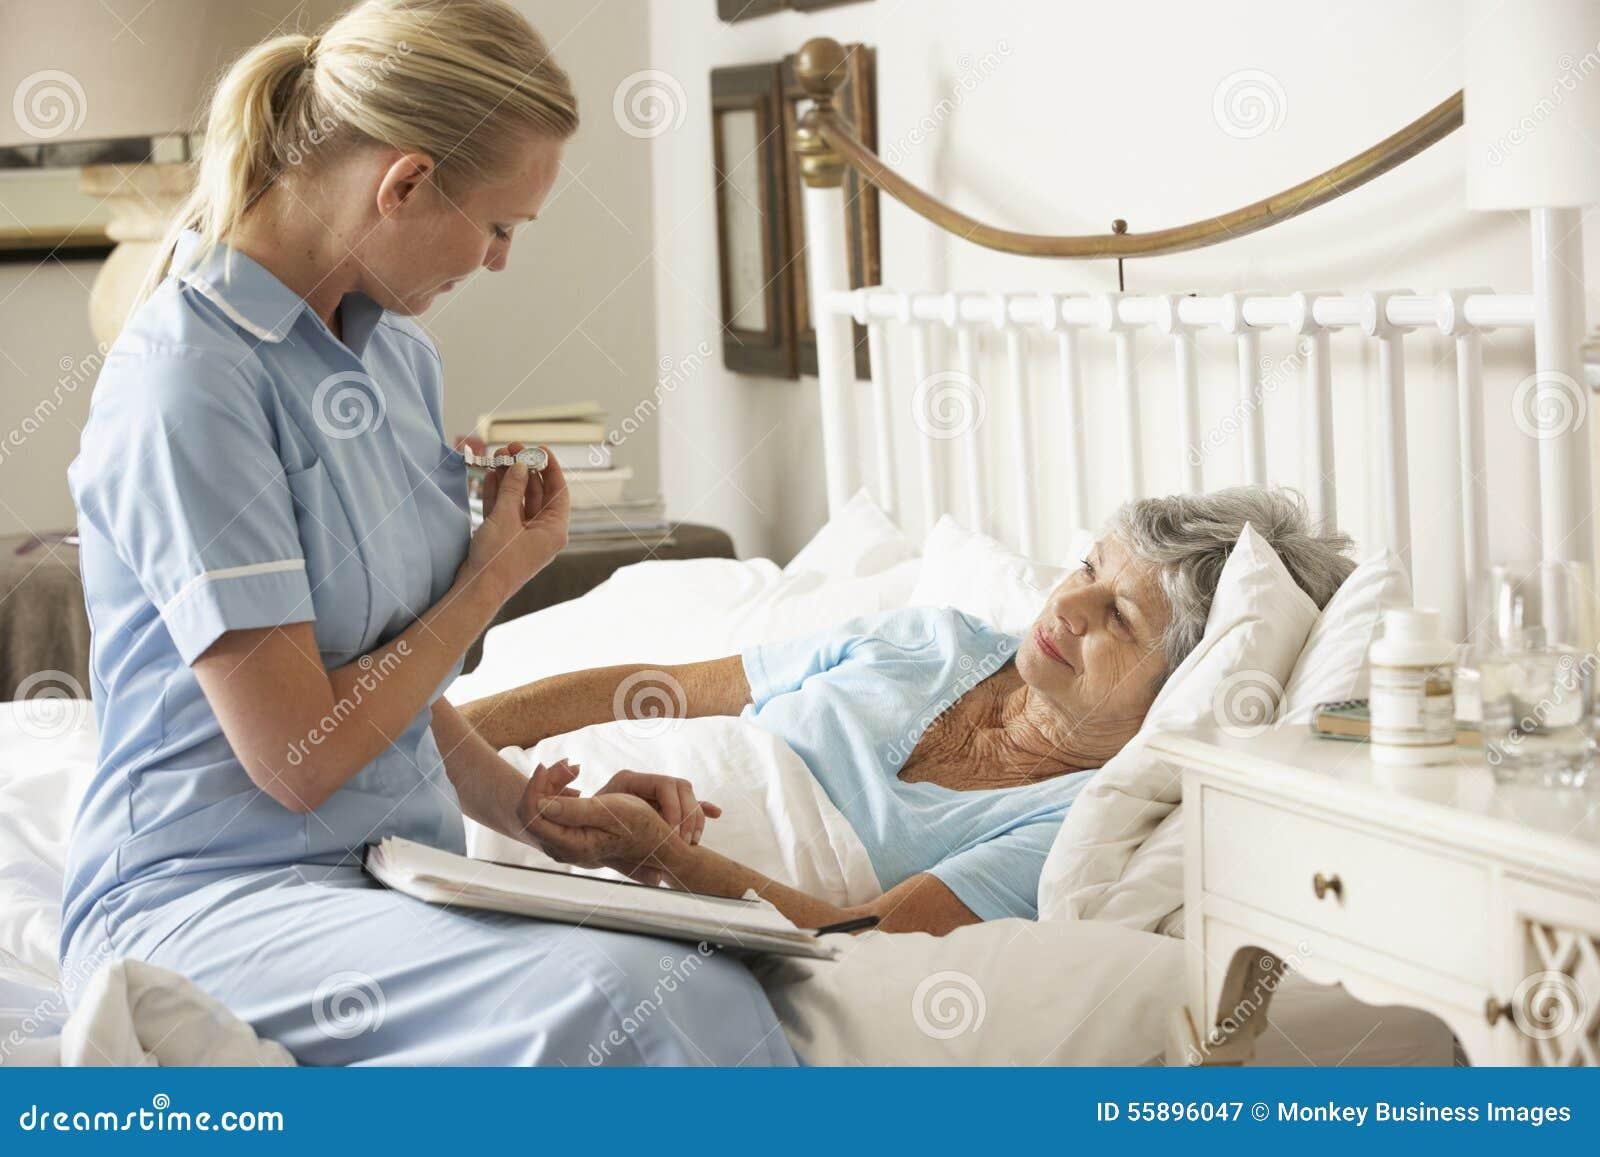 Paciente paciente mayor de taking pulse of de la enfermera - Cuidados paliativos en casa ...